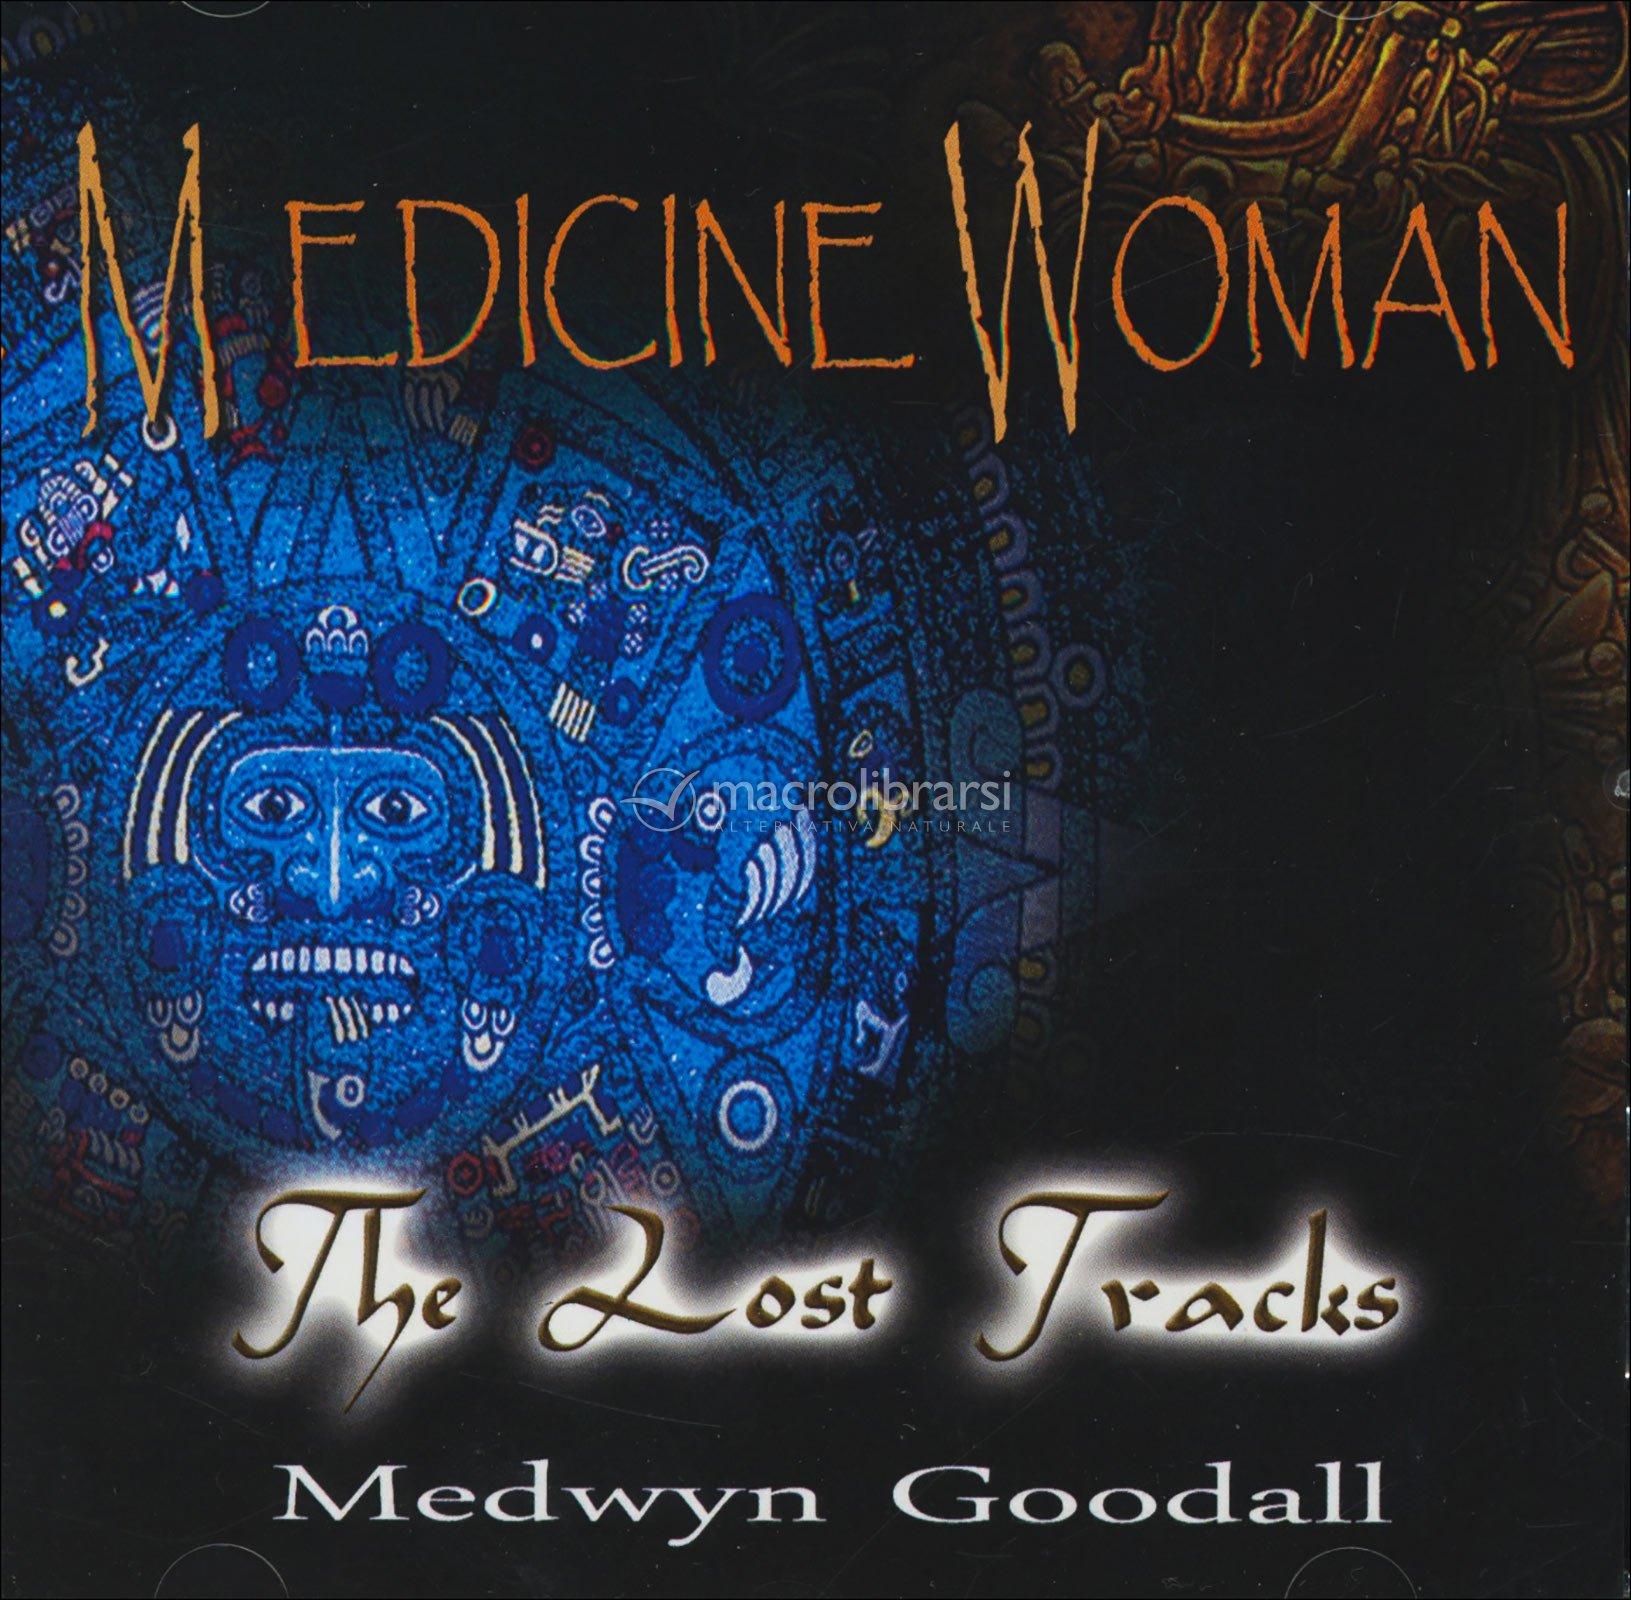 Le Recensioni A Medicine Woman The Lost Tracks Cd